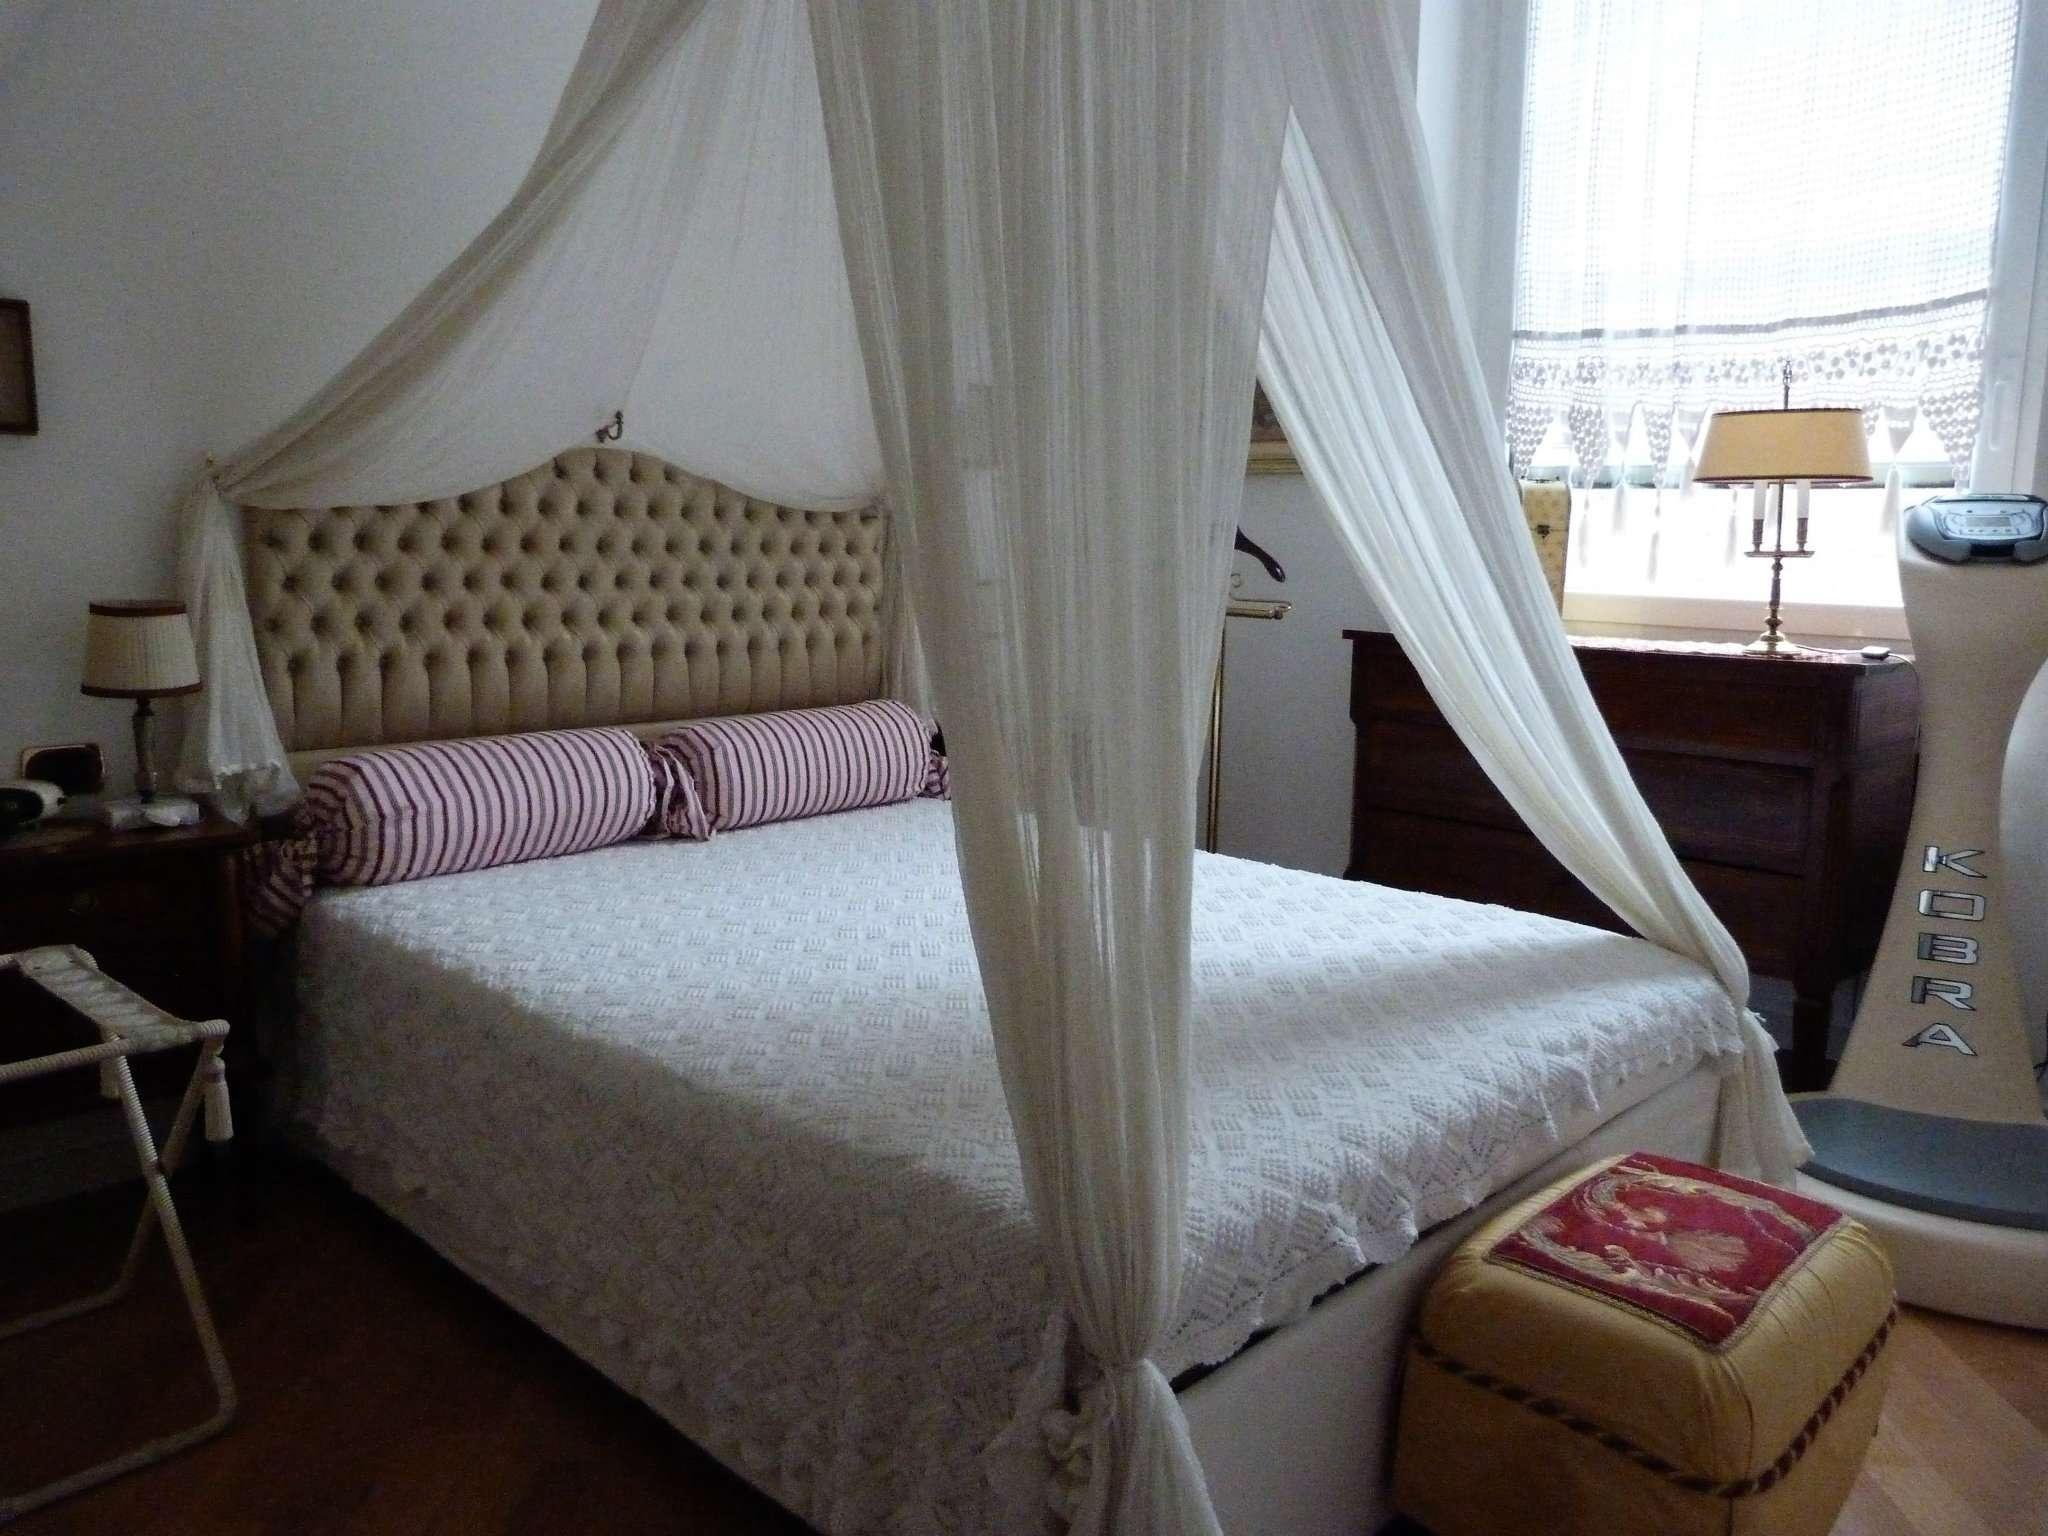 Appartamento in affitto a Milano, 2 locali, zona Zona: 1 . Centro Storico, Duomo, Brera, Cadorna, Cattolica, prezzo € 2.000   Cambio Casa.it